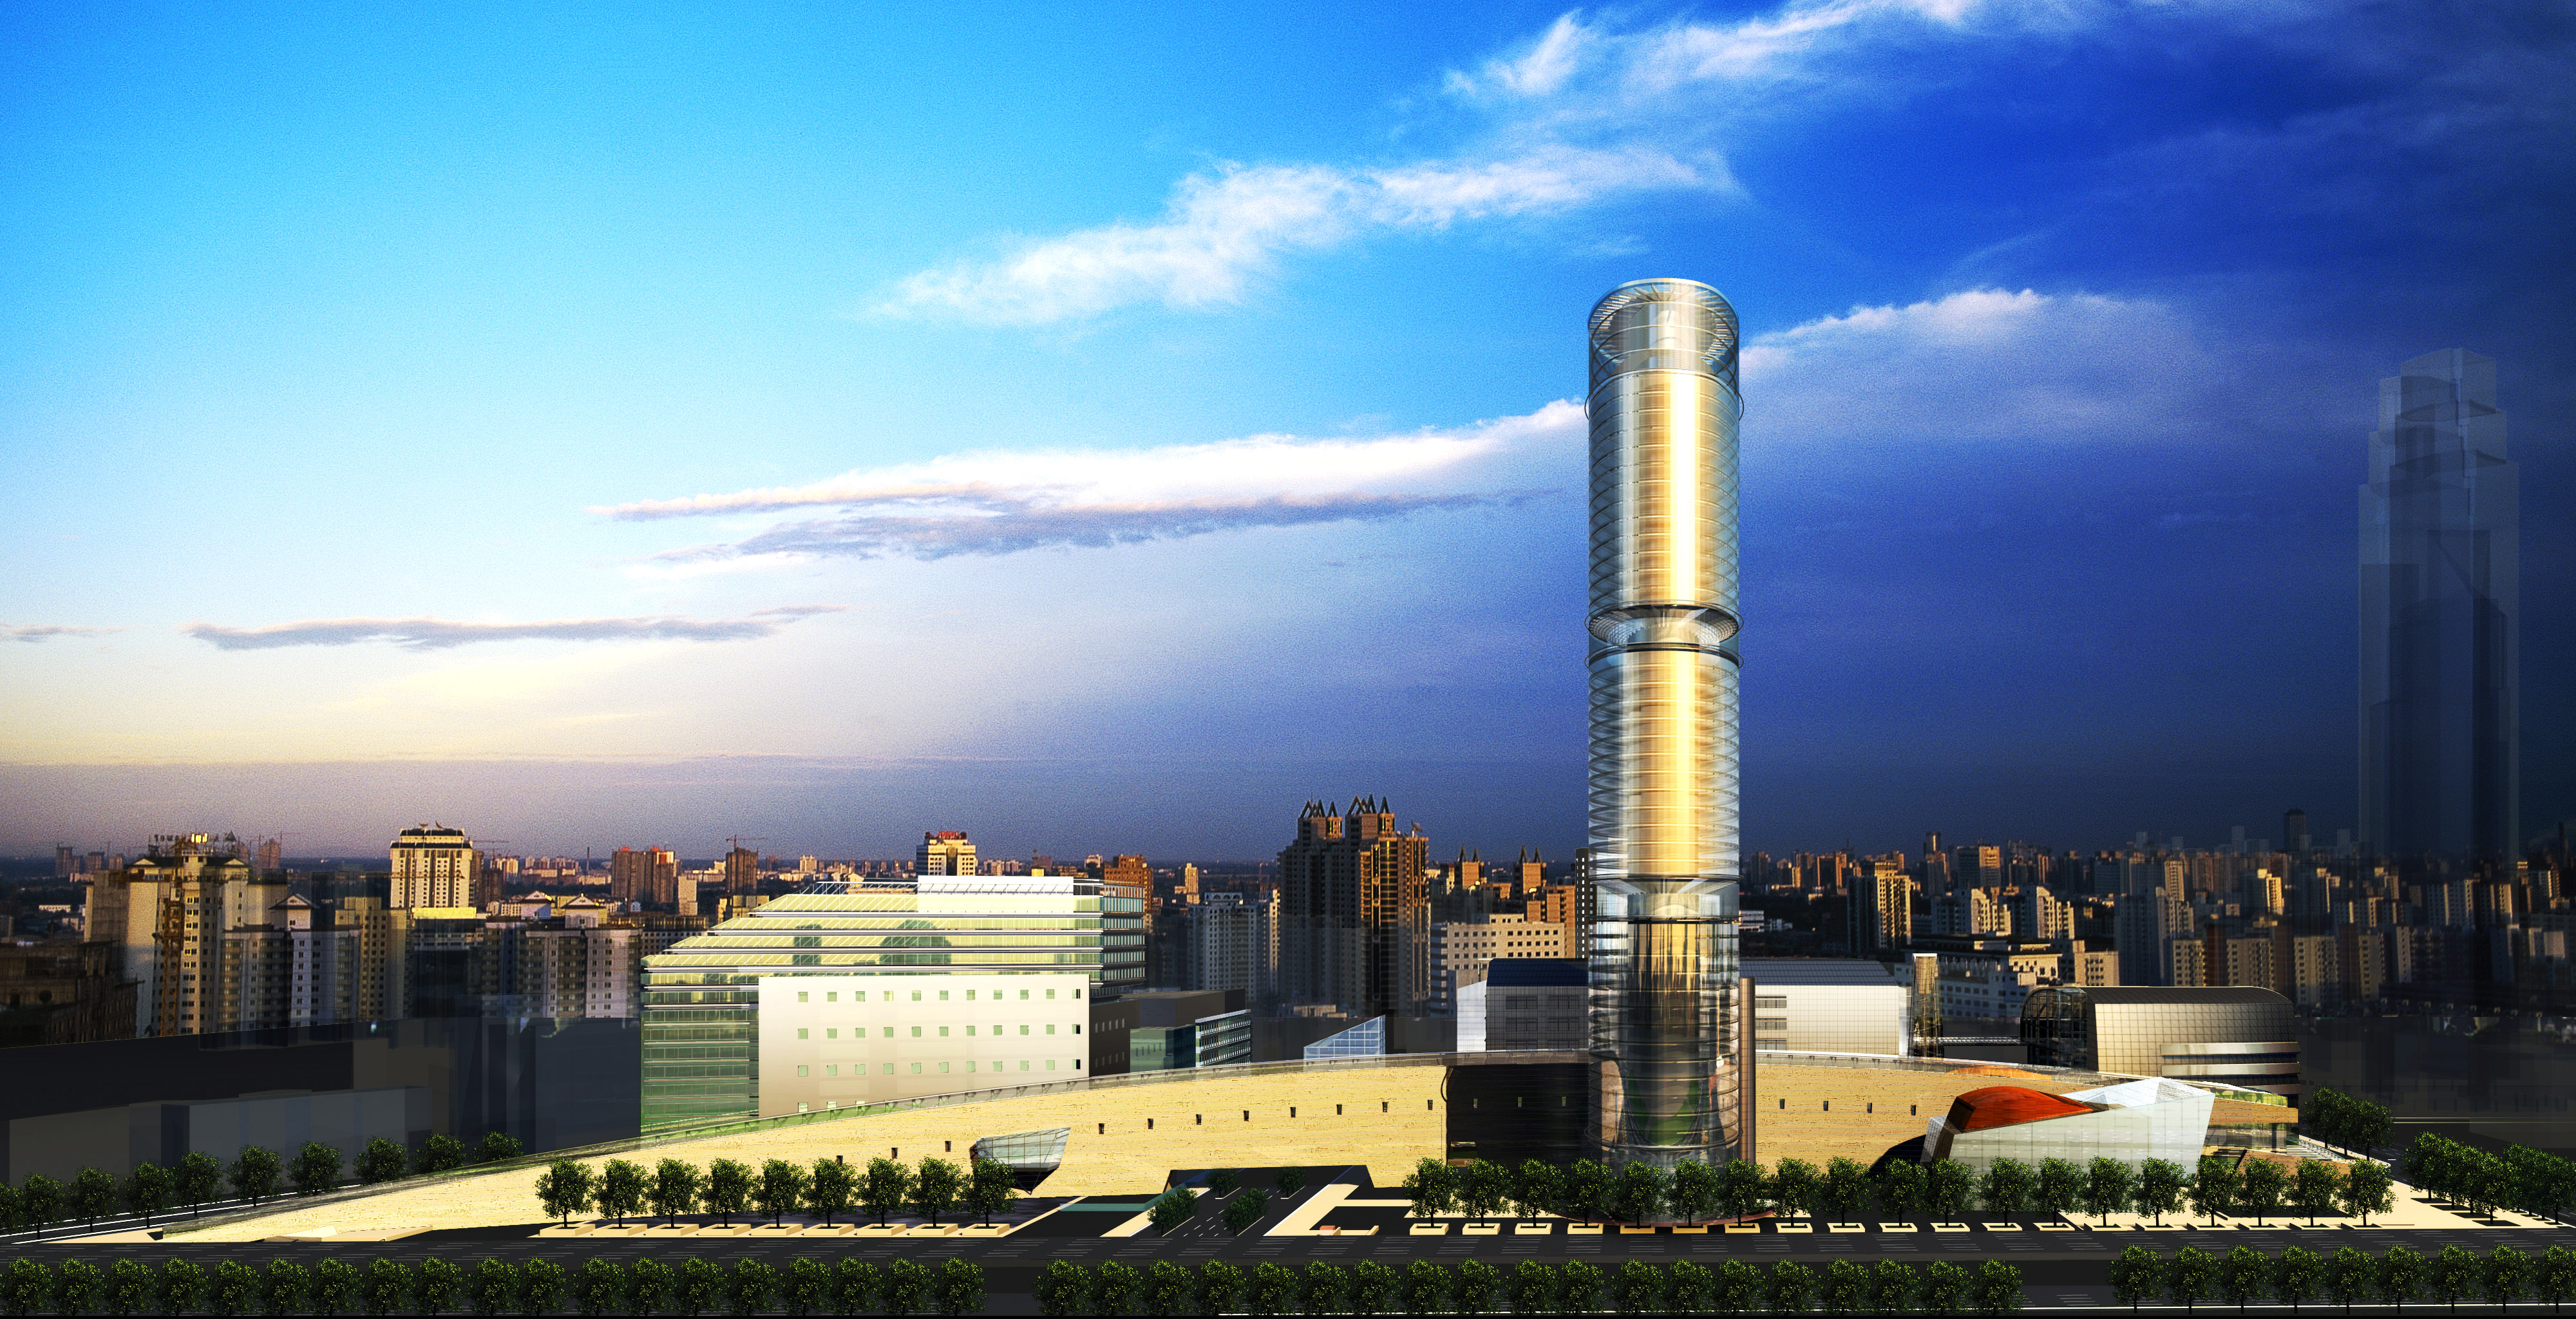 020 3d model max 123155 binası